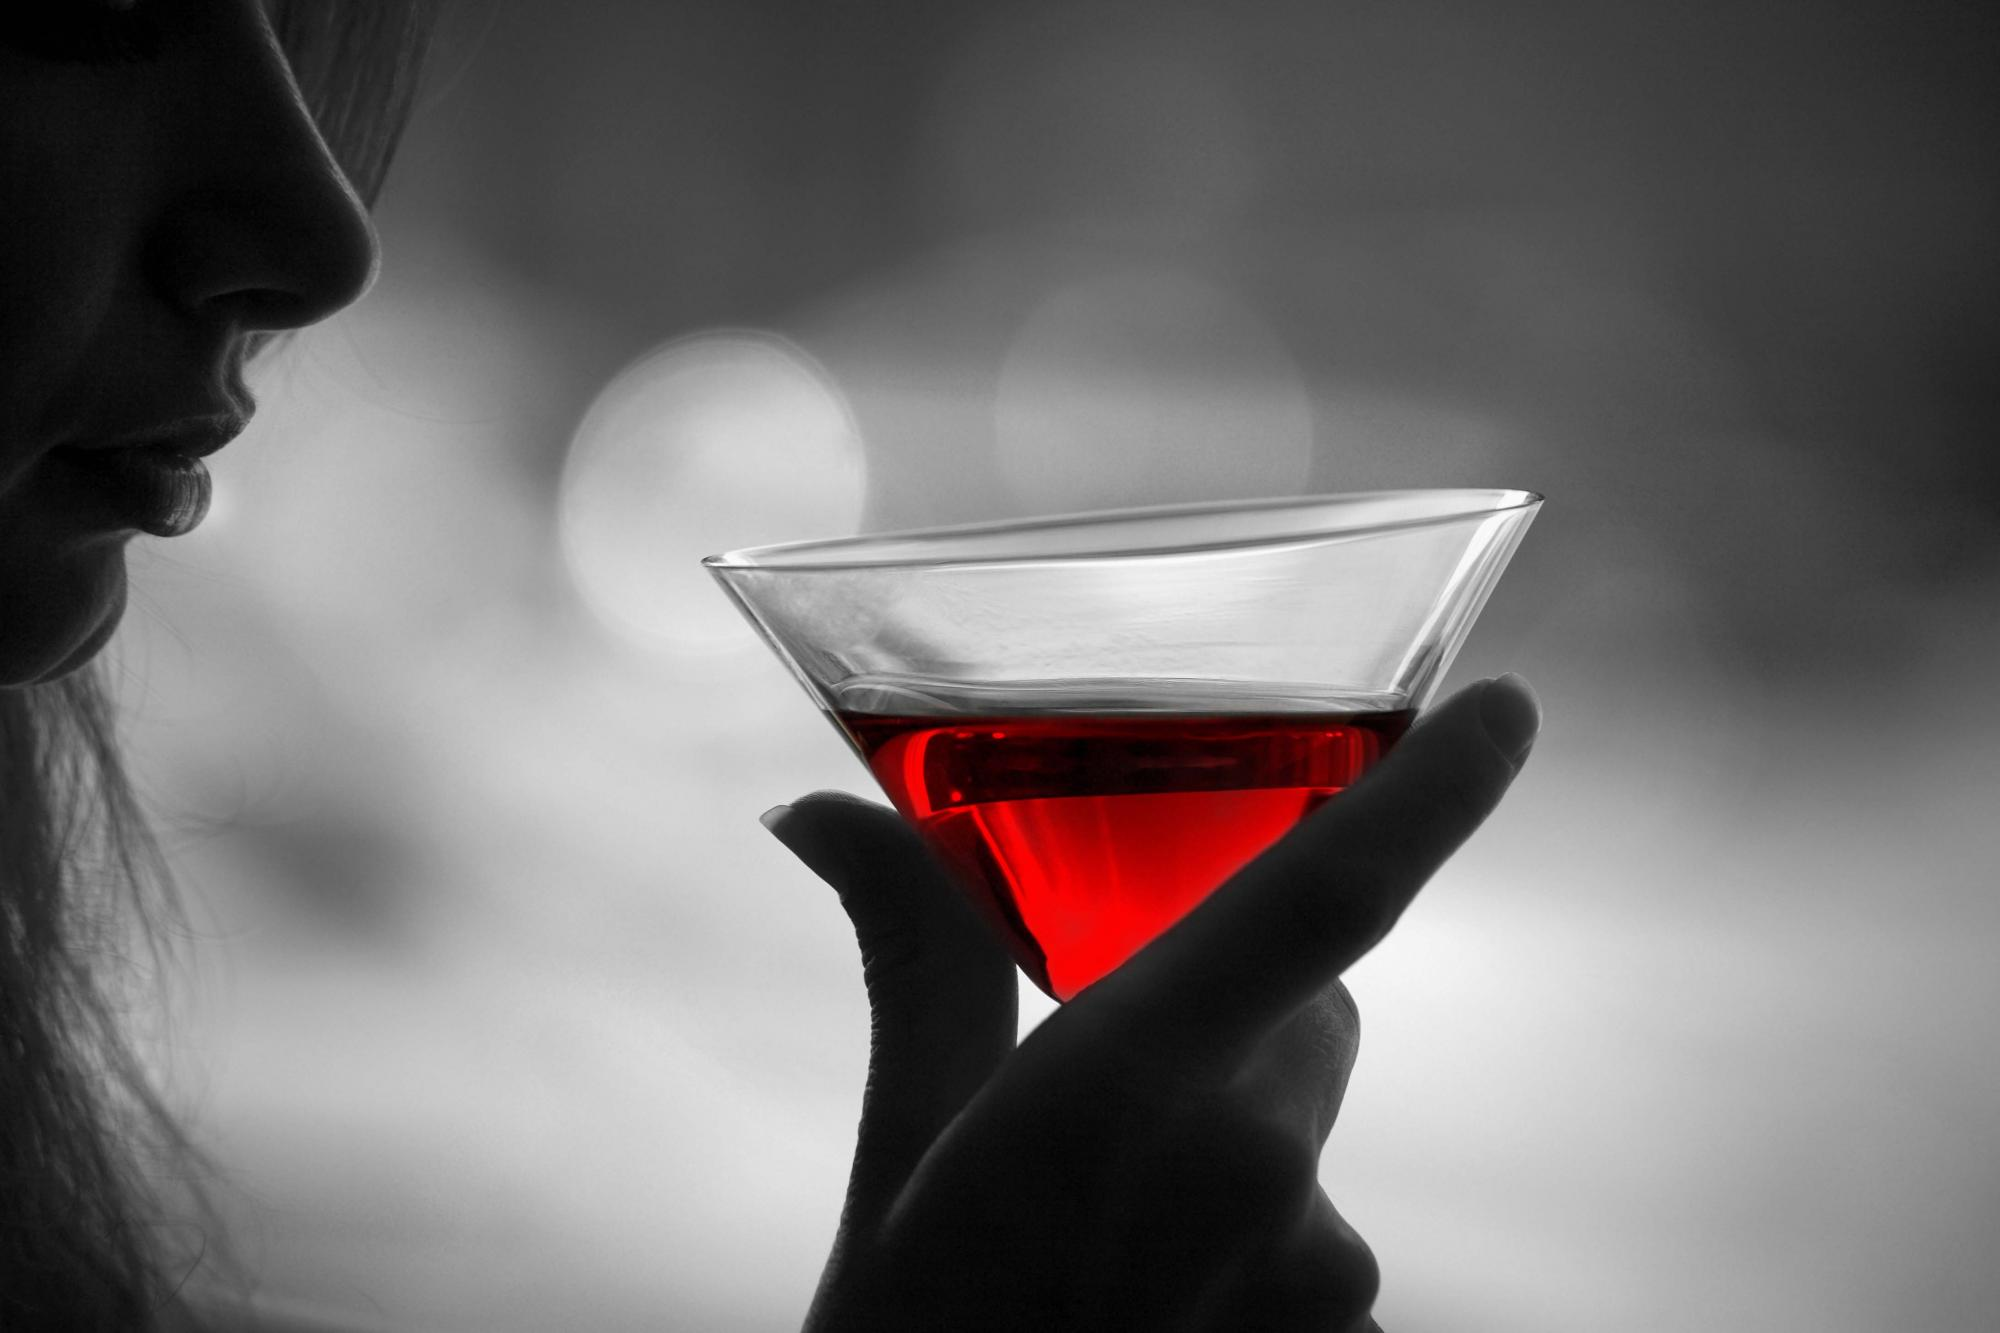 Круглосуточная помощь при алкогольной зависимости